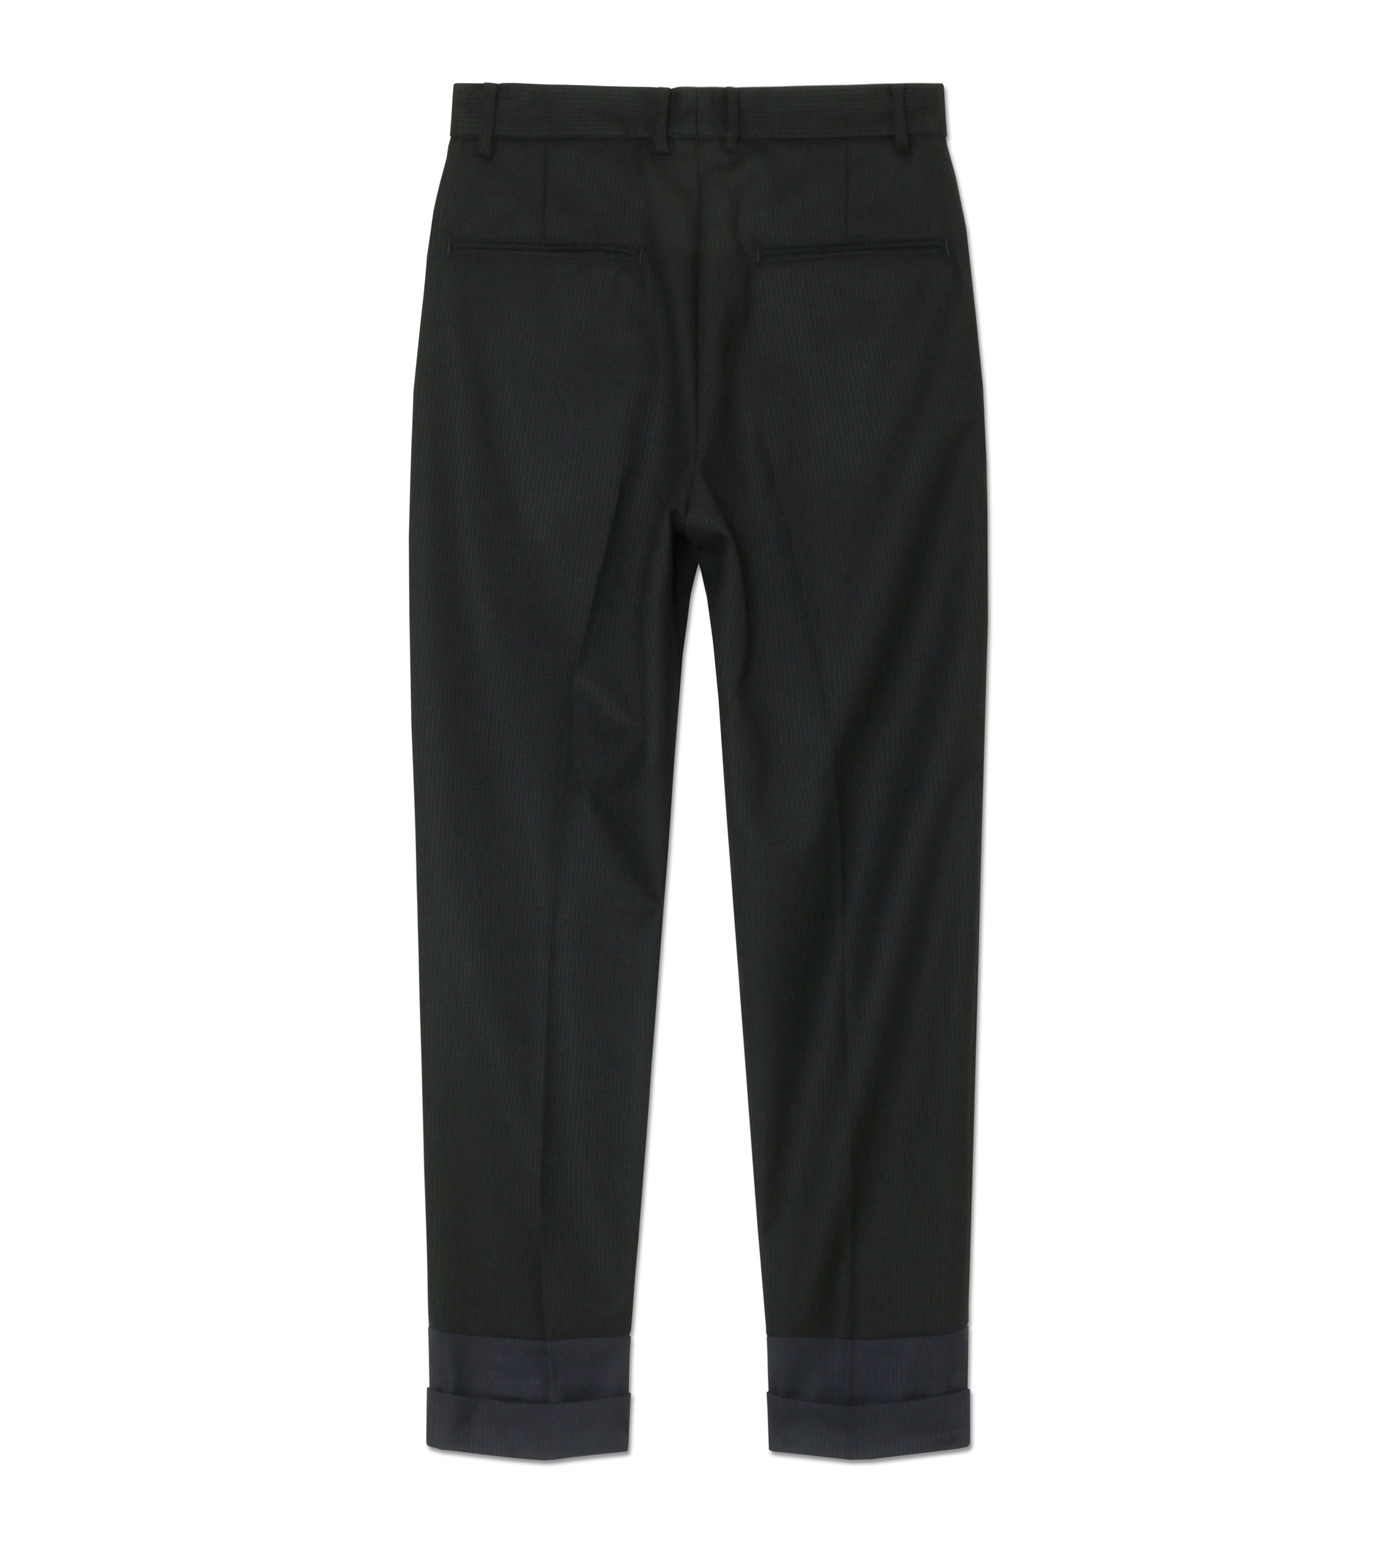 DRESSEDUNDRESSED(ドレスドアンドレスド)のContrastcolor Cropped Trousers-BLACK(パンツ/pants)-DUW16342-13 拡大詳細画像2